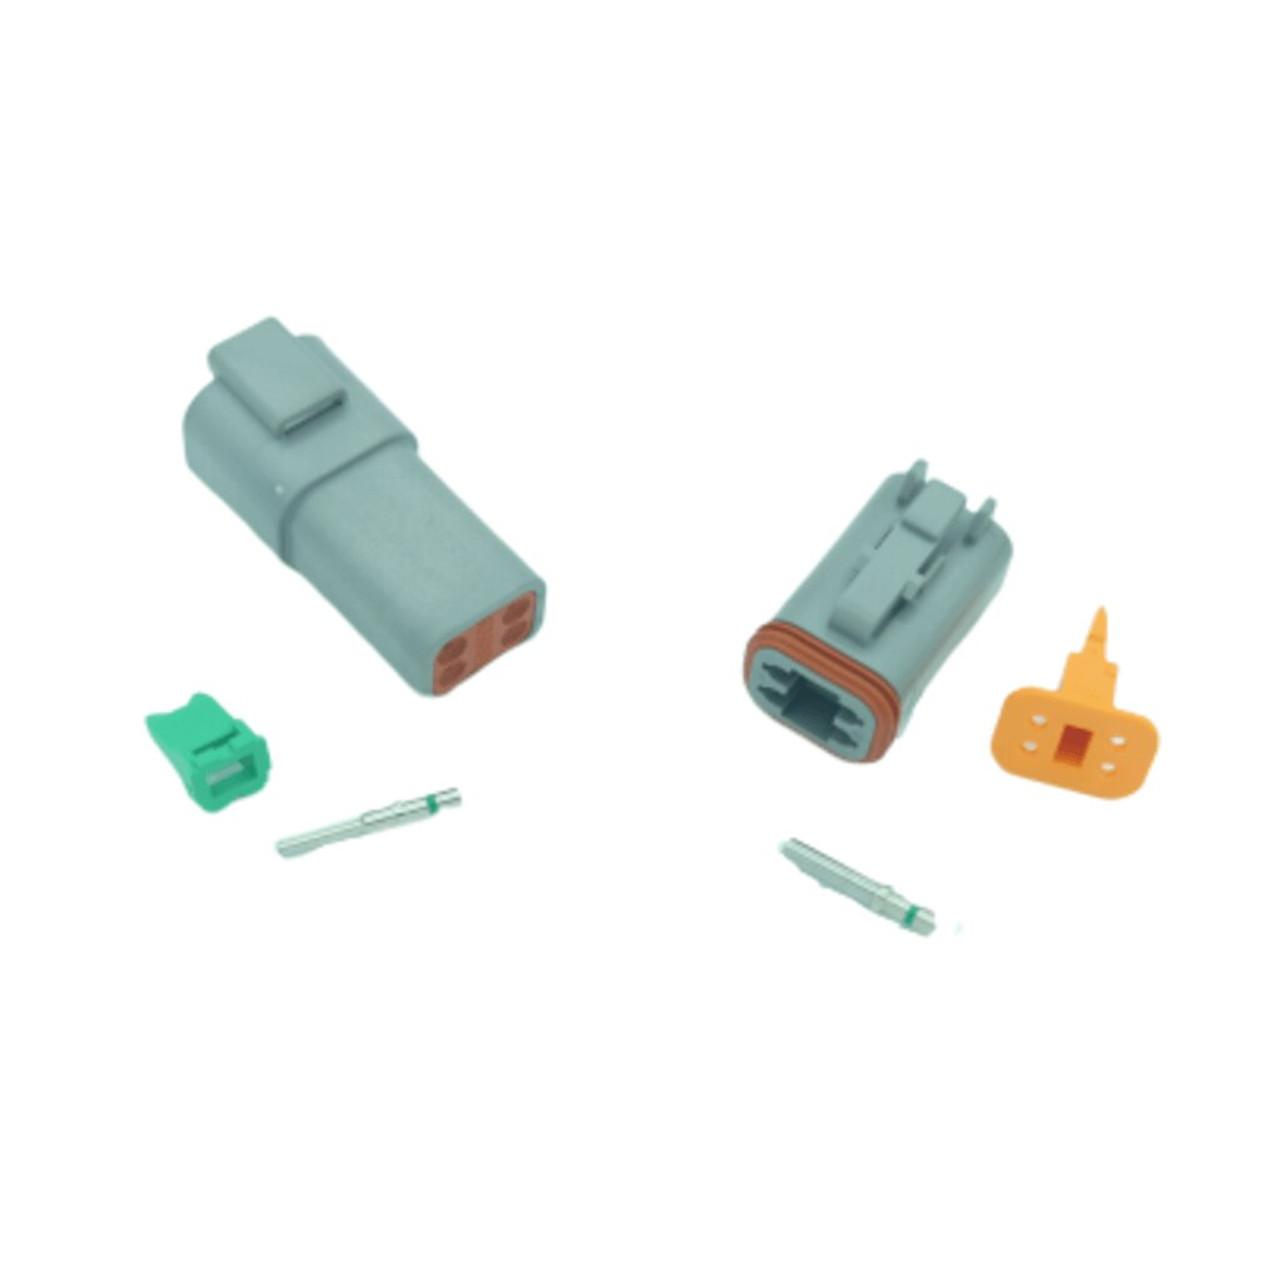 4 pin Deutsch connector set